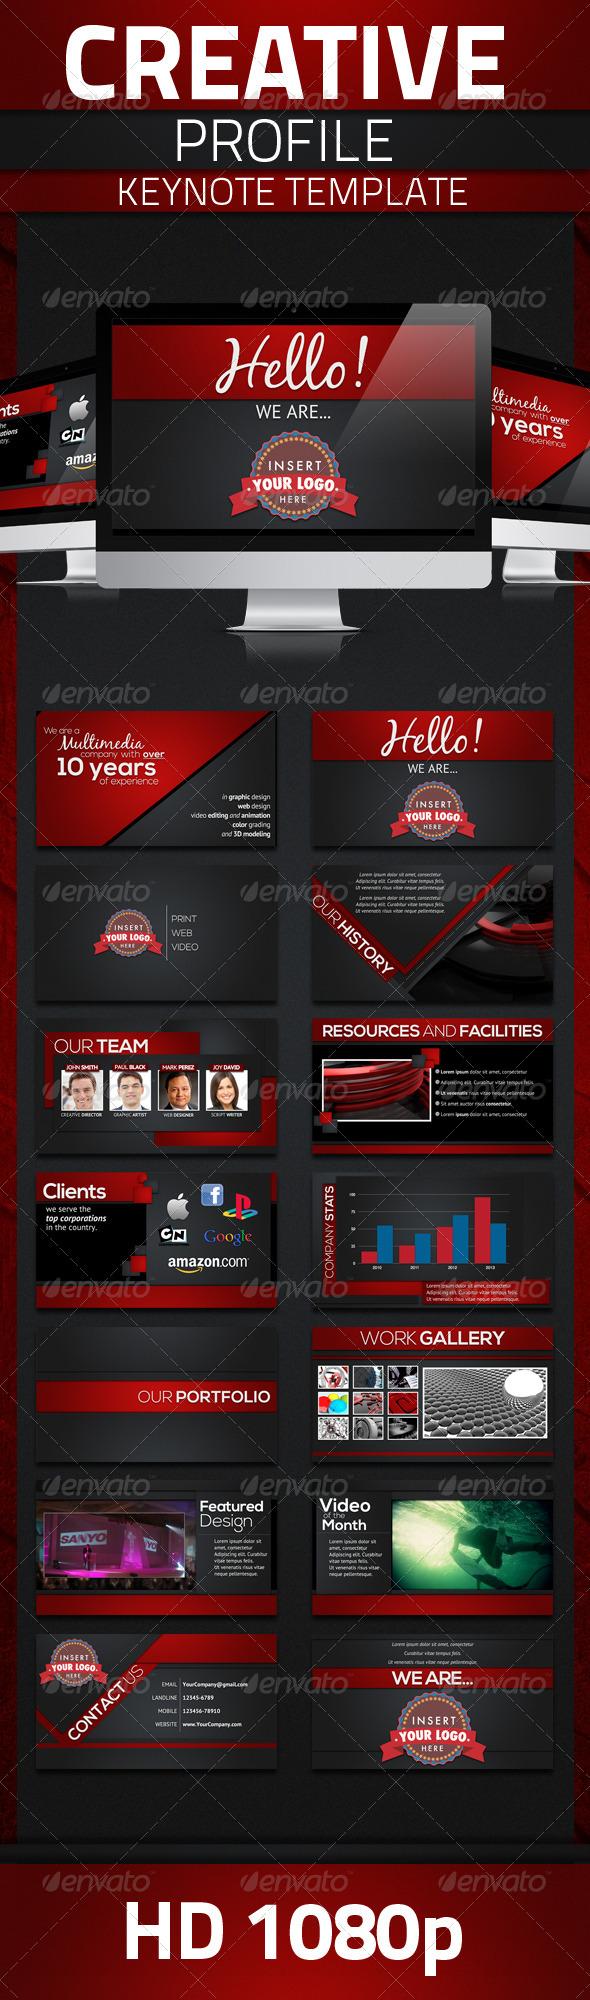 GraphicRiver Creative Profile Keynote Template 4699332